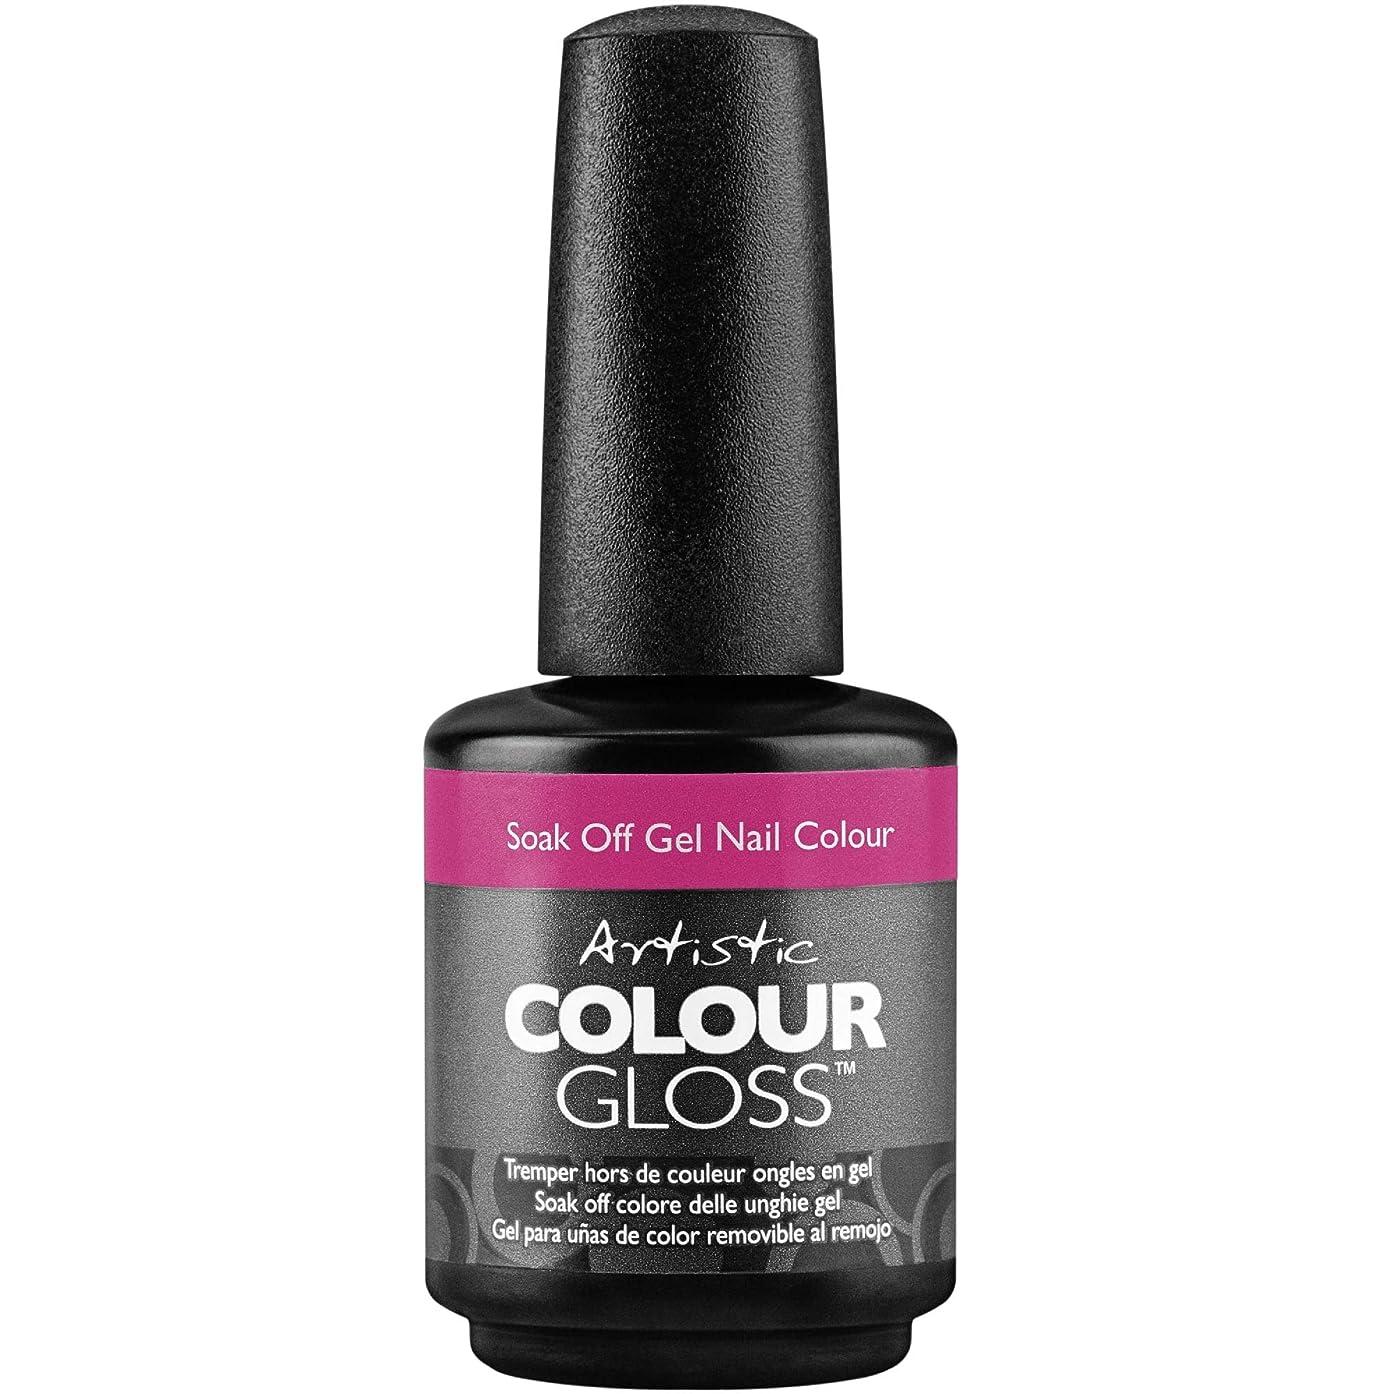 征服者シニス固体Artistic Colour Gloss - Off Duty - 0.5oz / 15ml